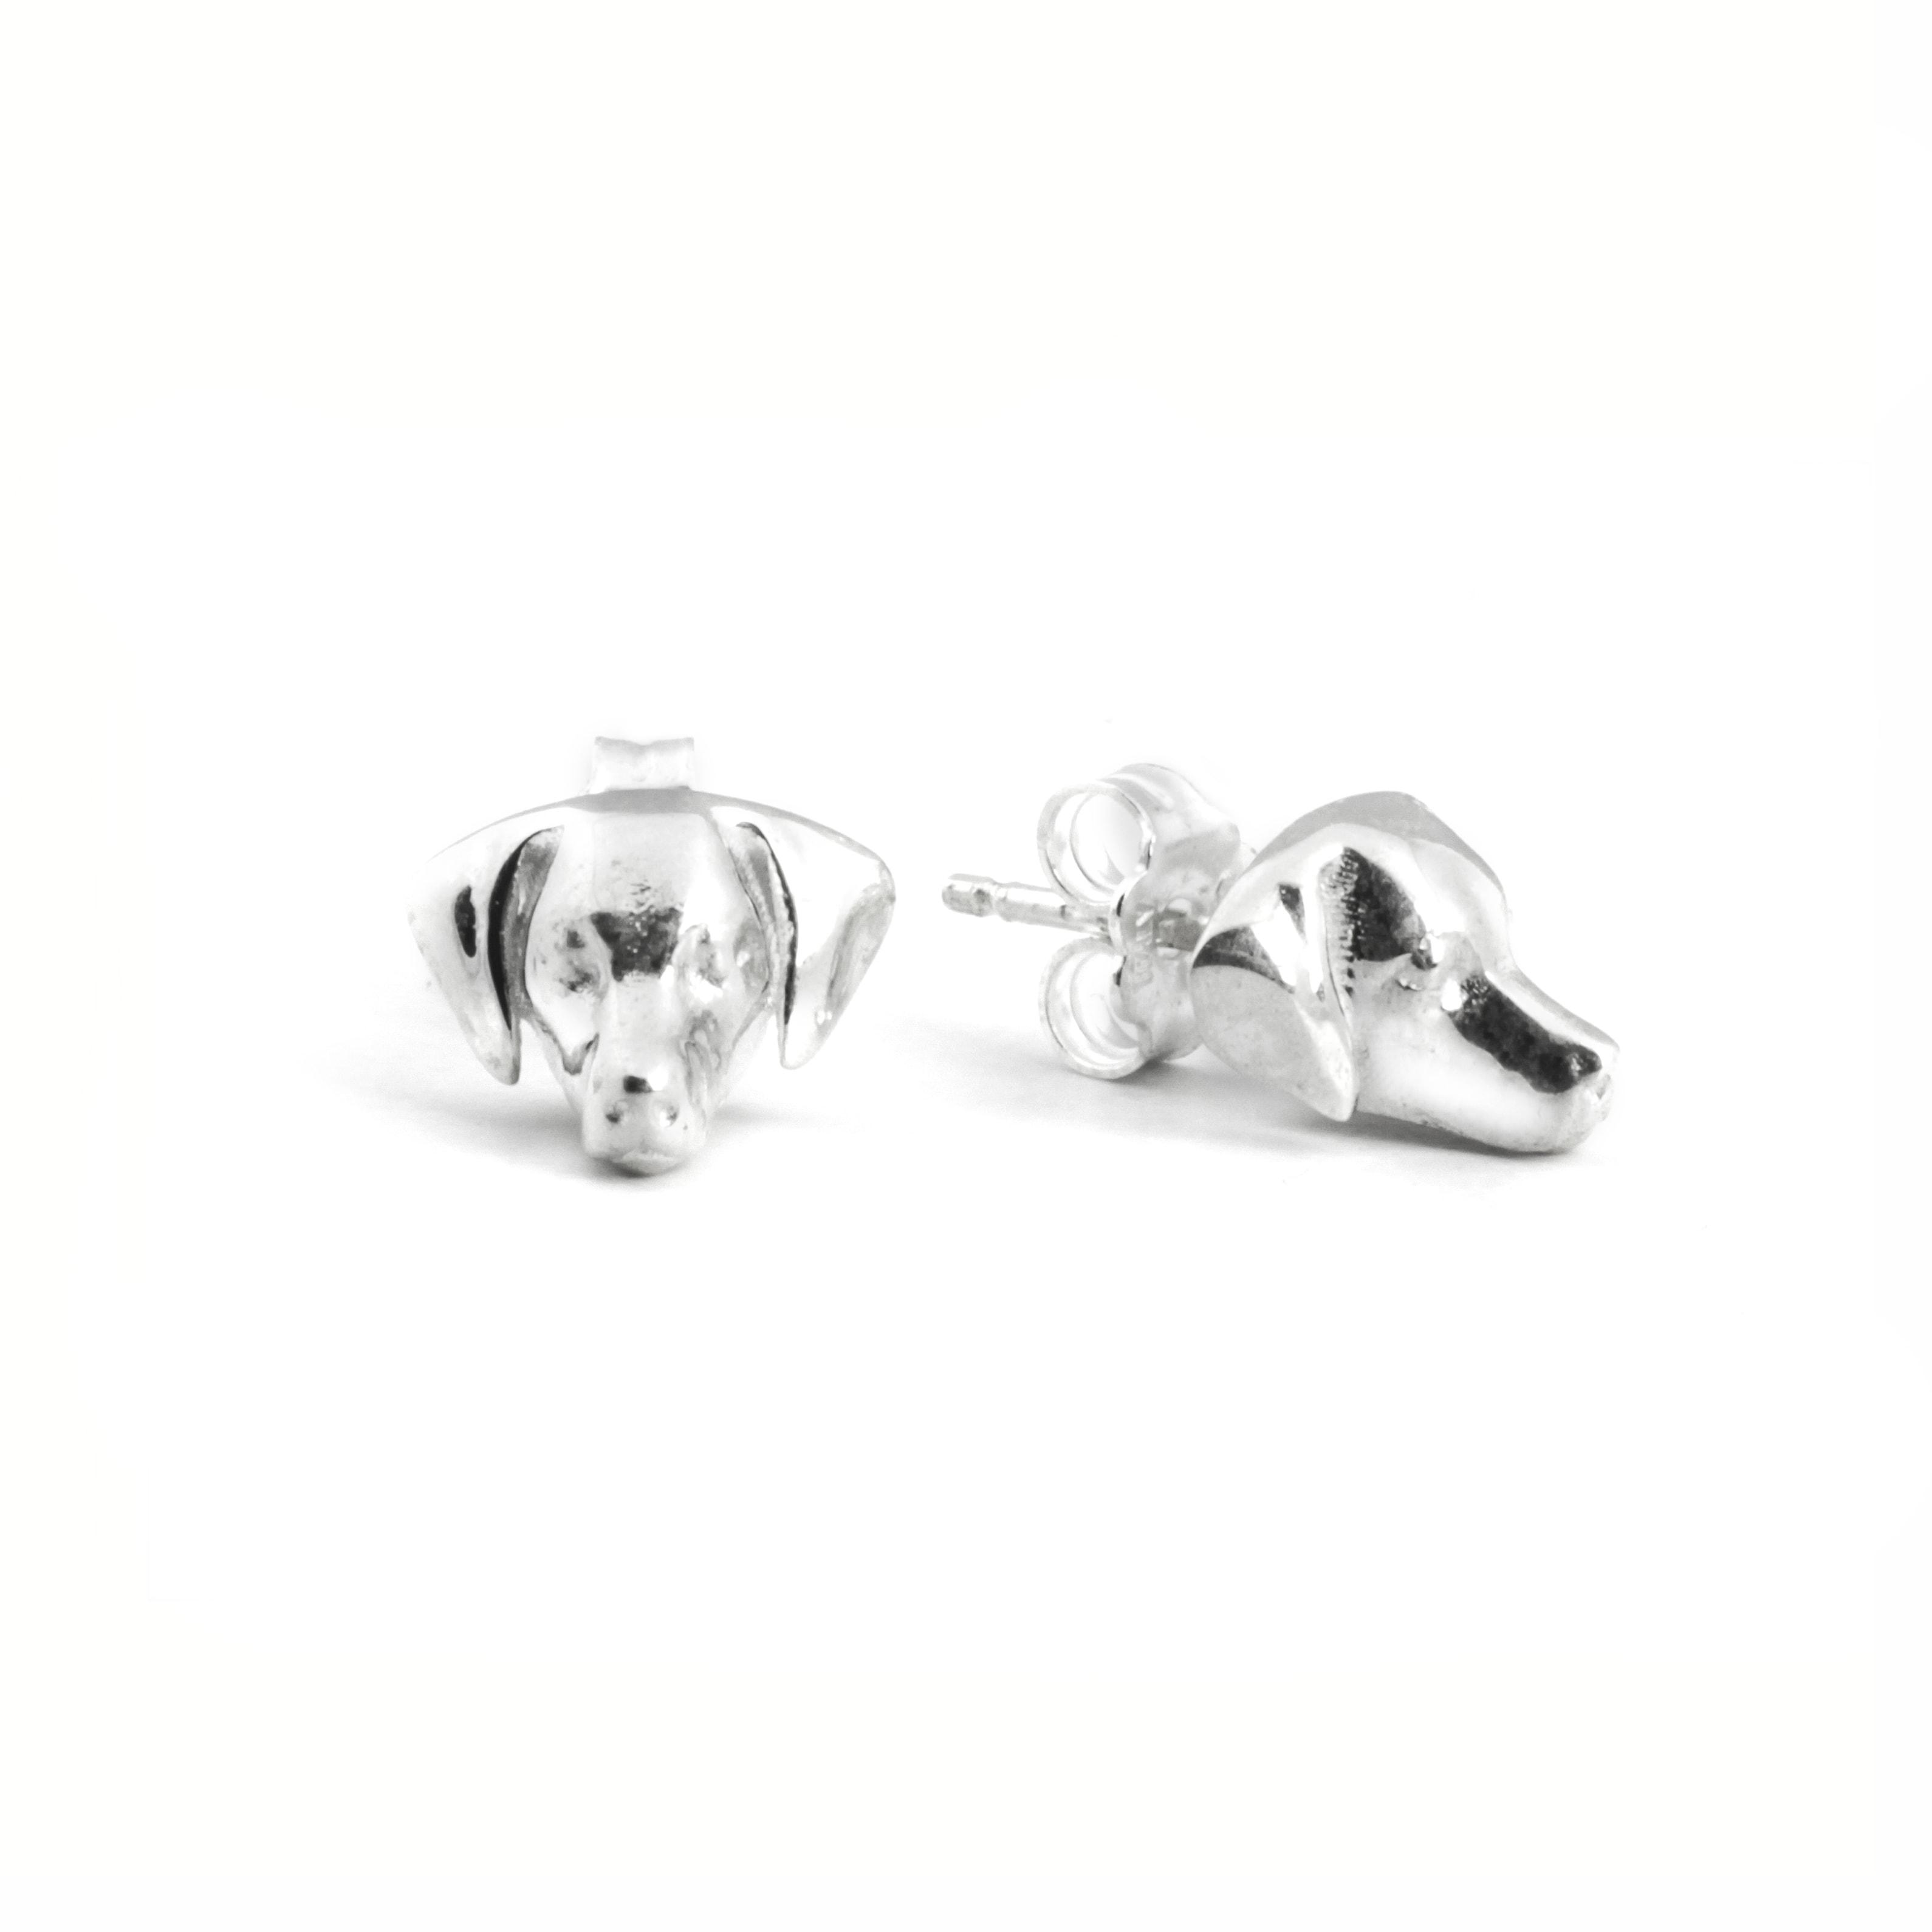 Weimaraner_earrings_silver_HIGH